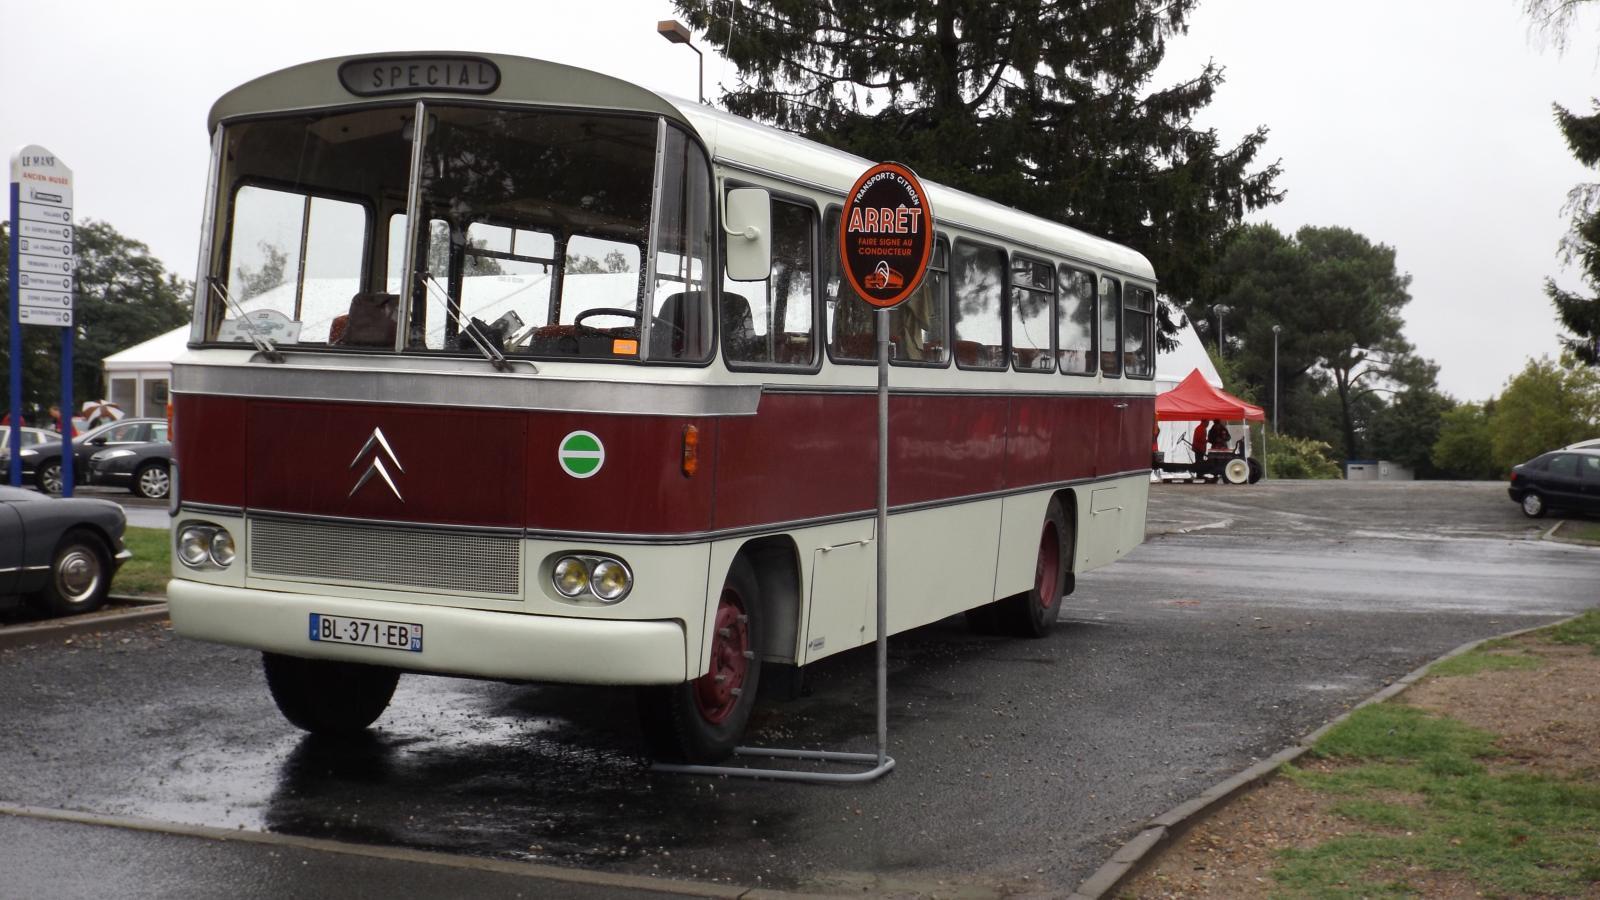 Transports-Citroen-Special.JPG